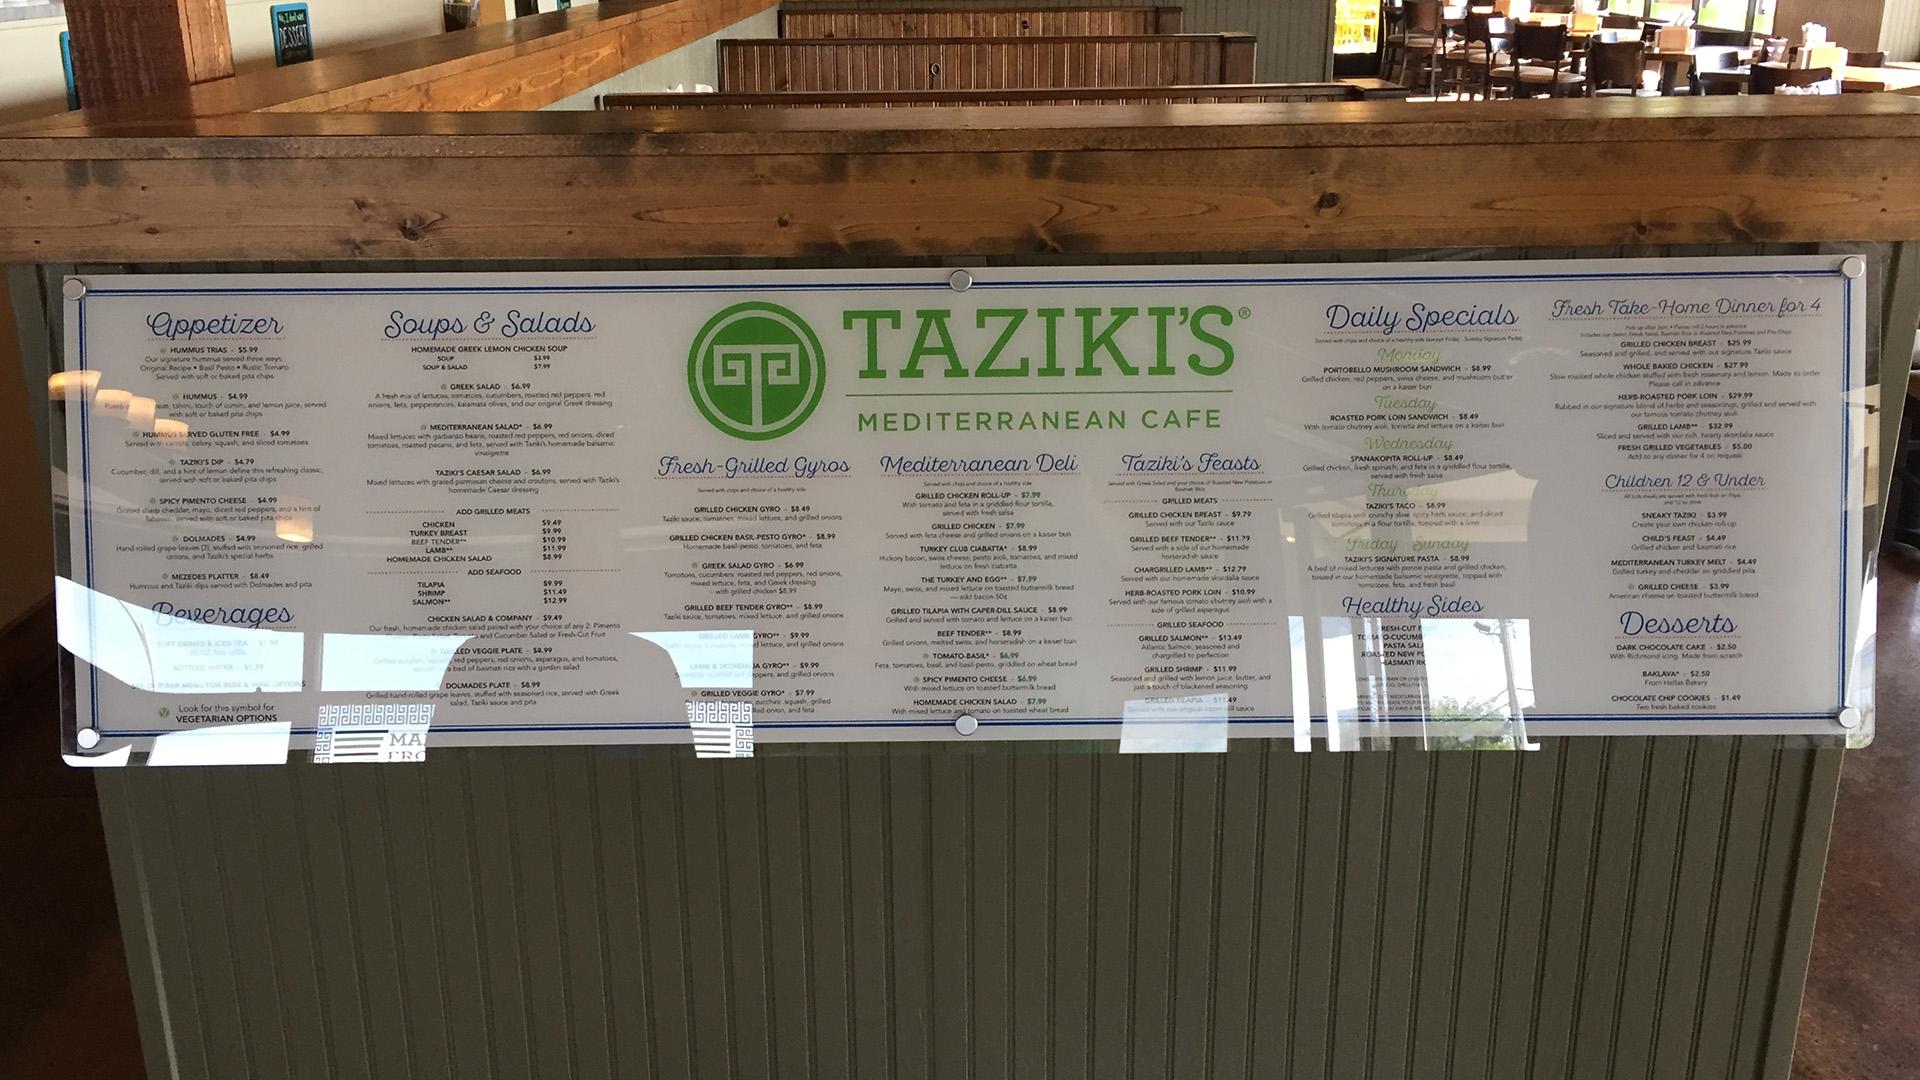 Tazikis restaurant menu